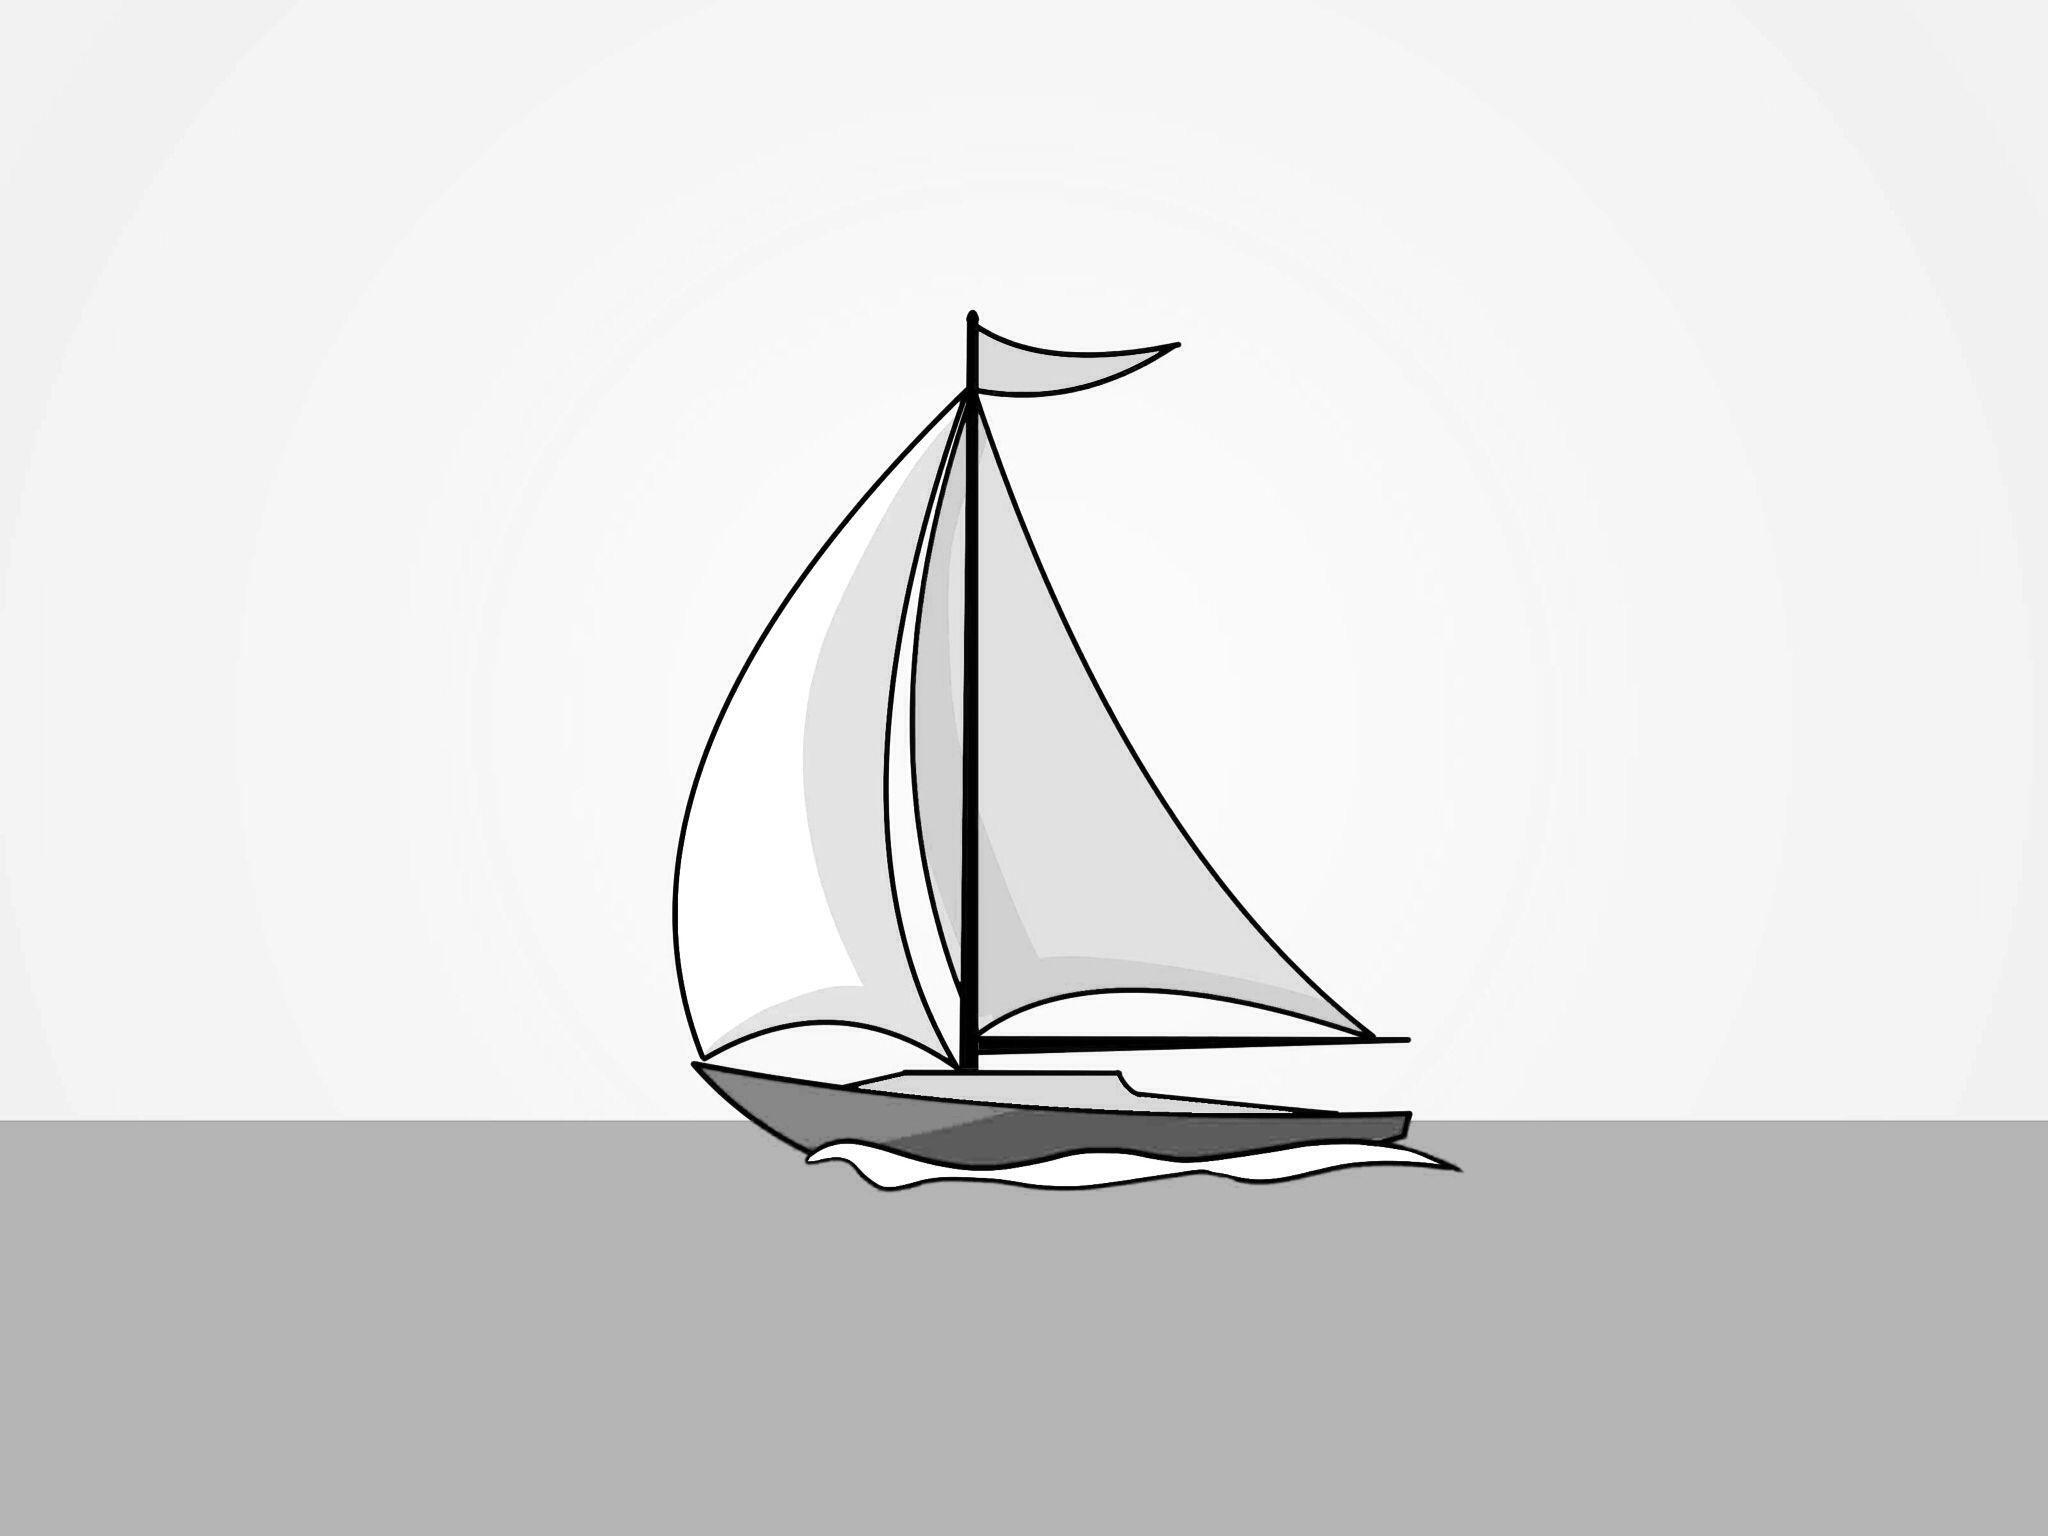 Sailing Boat Drawing For Small Tattoo #sailboatdrawing